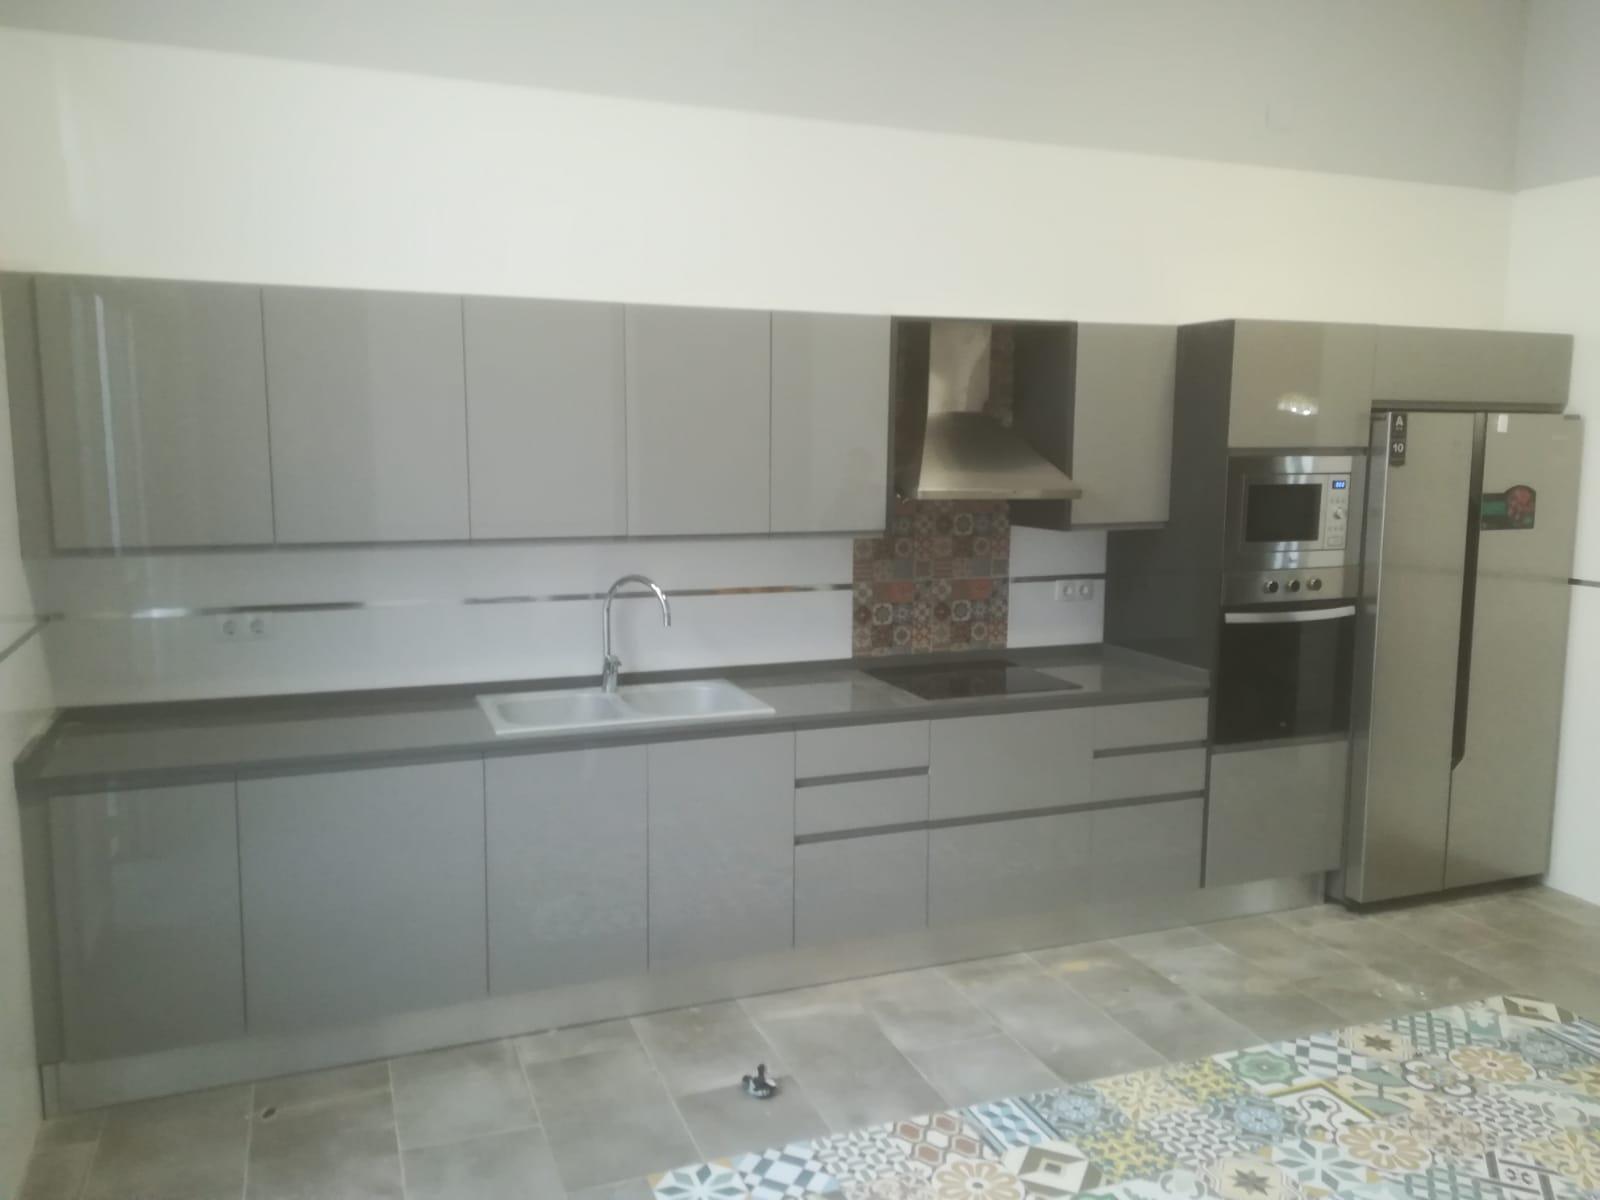 cocina-gris-retro-uno